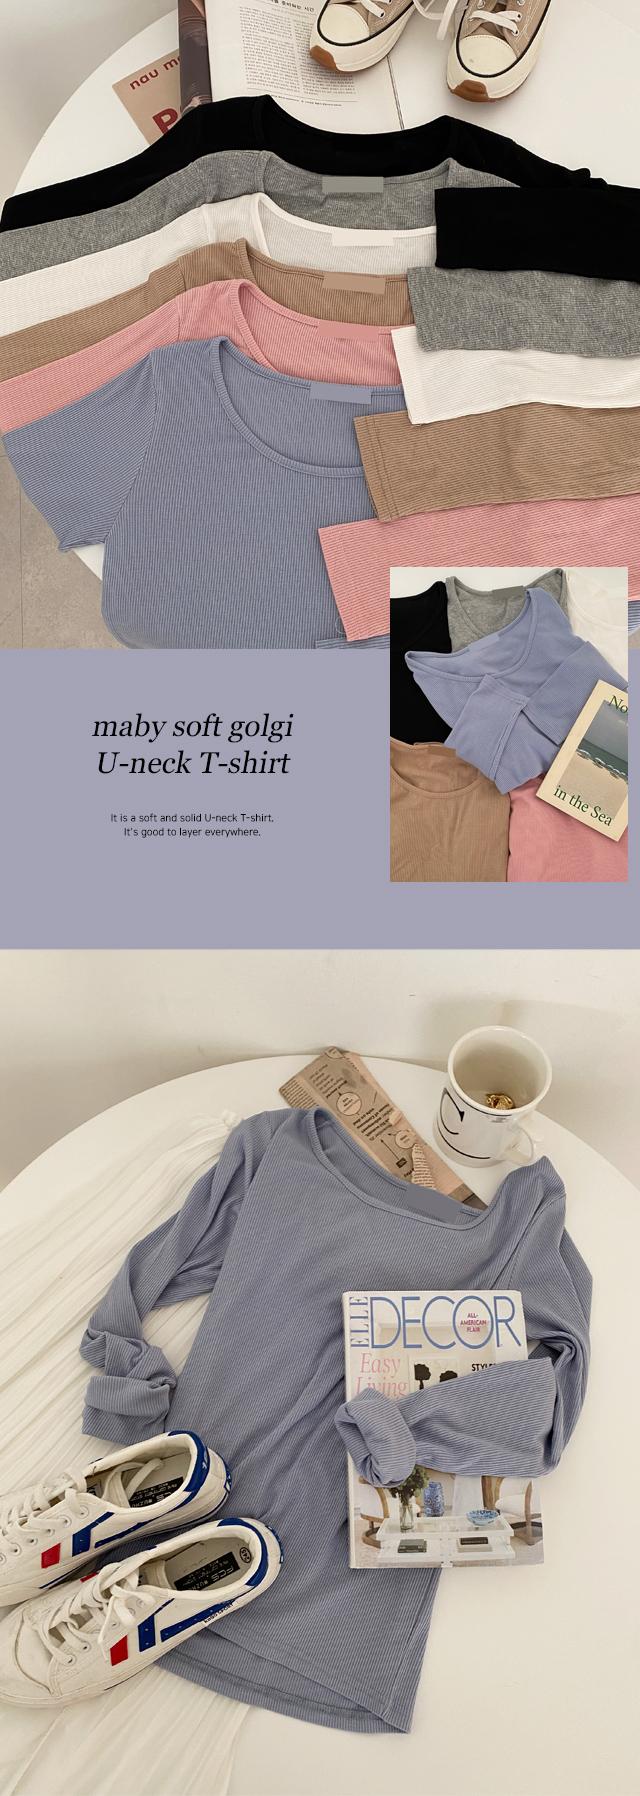 Mabe soft Ribbed U-neck T-shirt